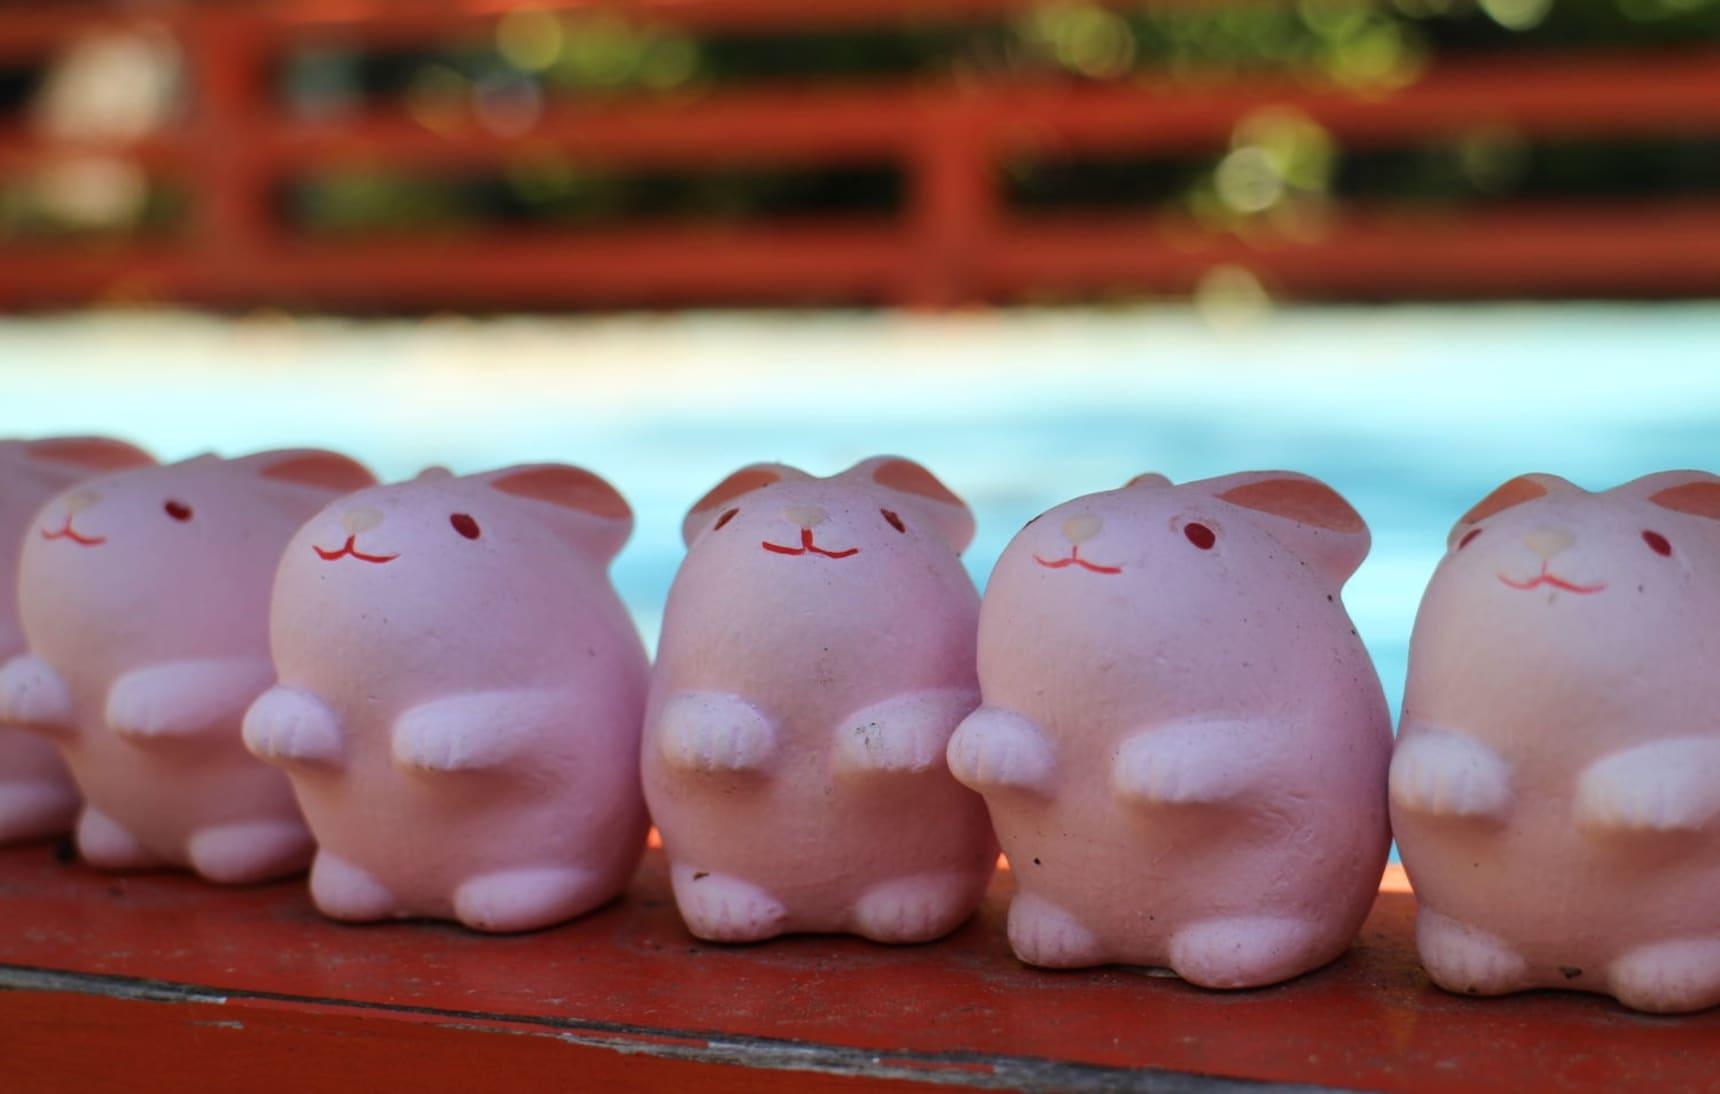 6 เซียมซีสุดน่ารักจากศาลเจ้าและวัดในญี่ปุ่น